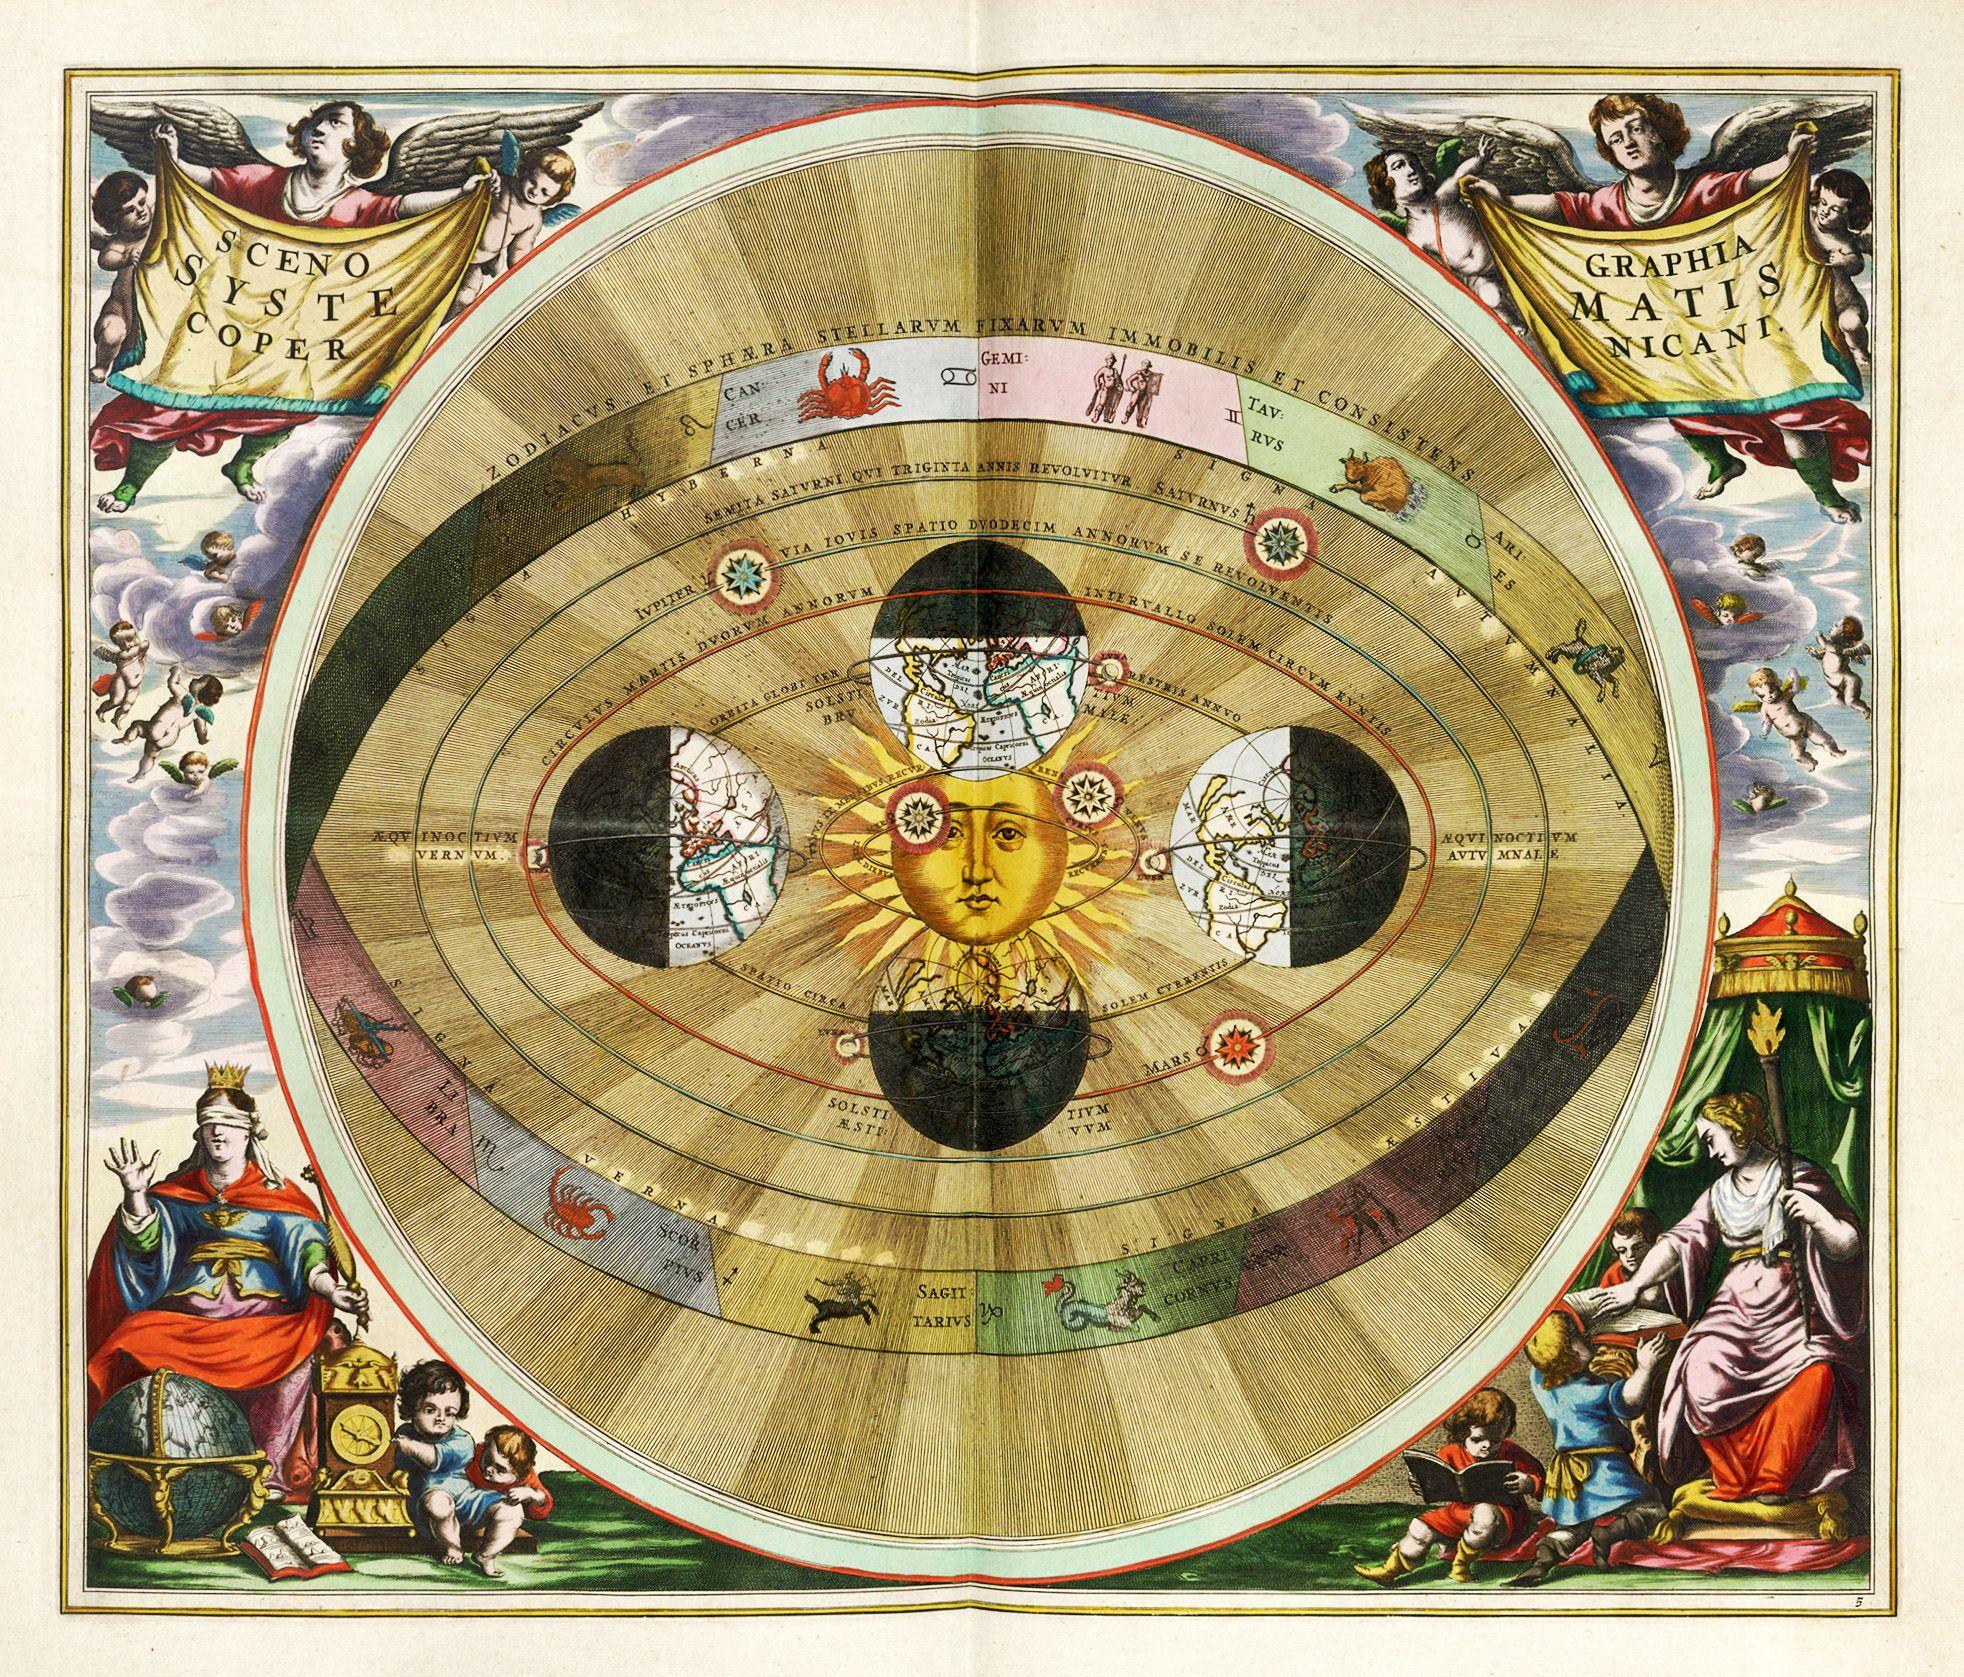 Teoria Heliocentrica Modelo Nicolas Copernico Andreas Cellarius 1660 Claudio Ptolomeo Nicolas Copernico Constelaciones